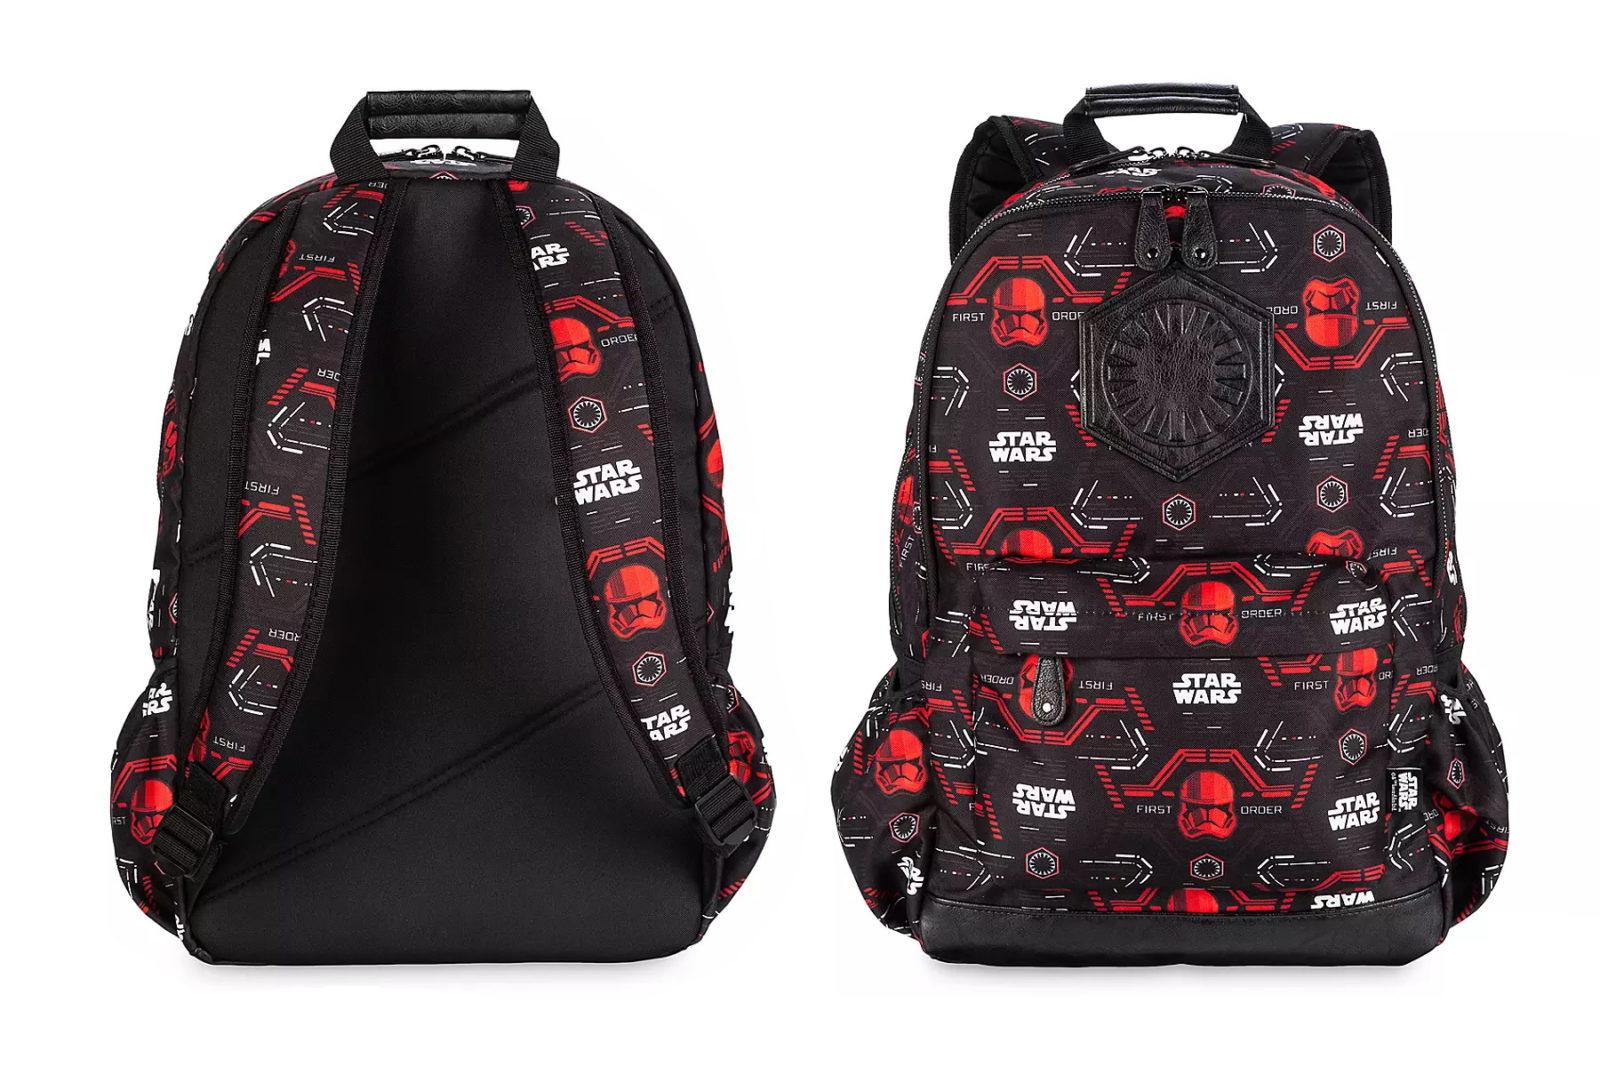 Episode 9 First Order Backpack at Shop Disney